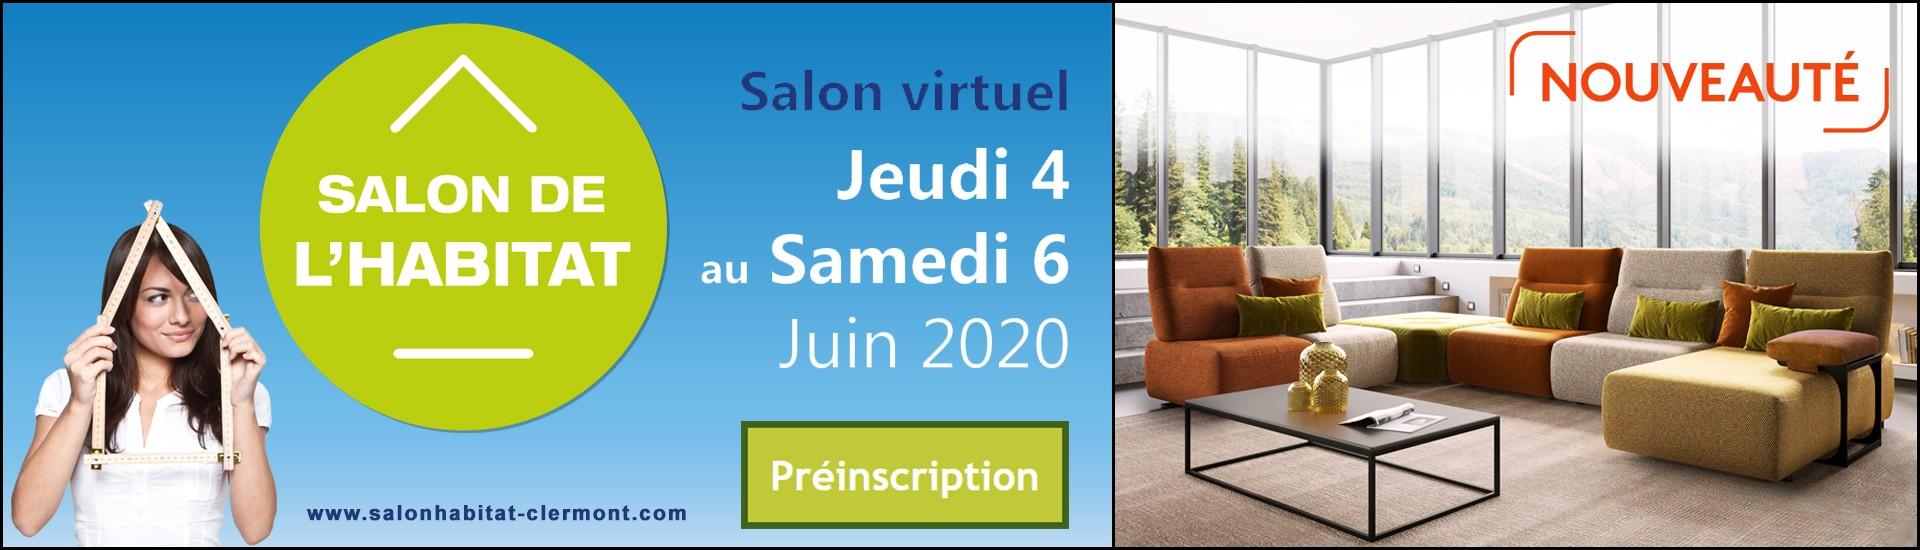 GLOBAL est fier de participer au Salon de l'Habitat de Clermont-Ferrand en mode Virtuel du 4 au 6 juin 2020